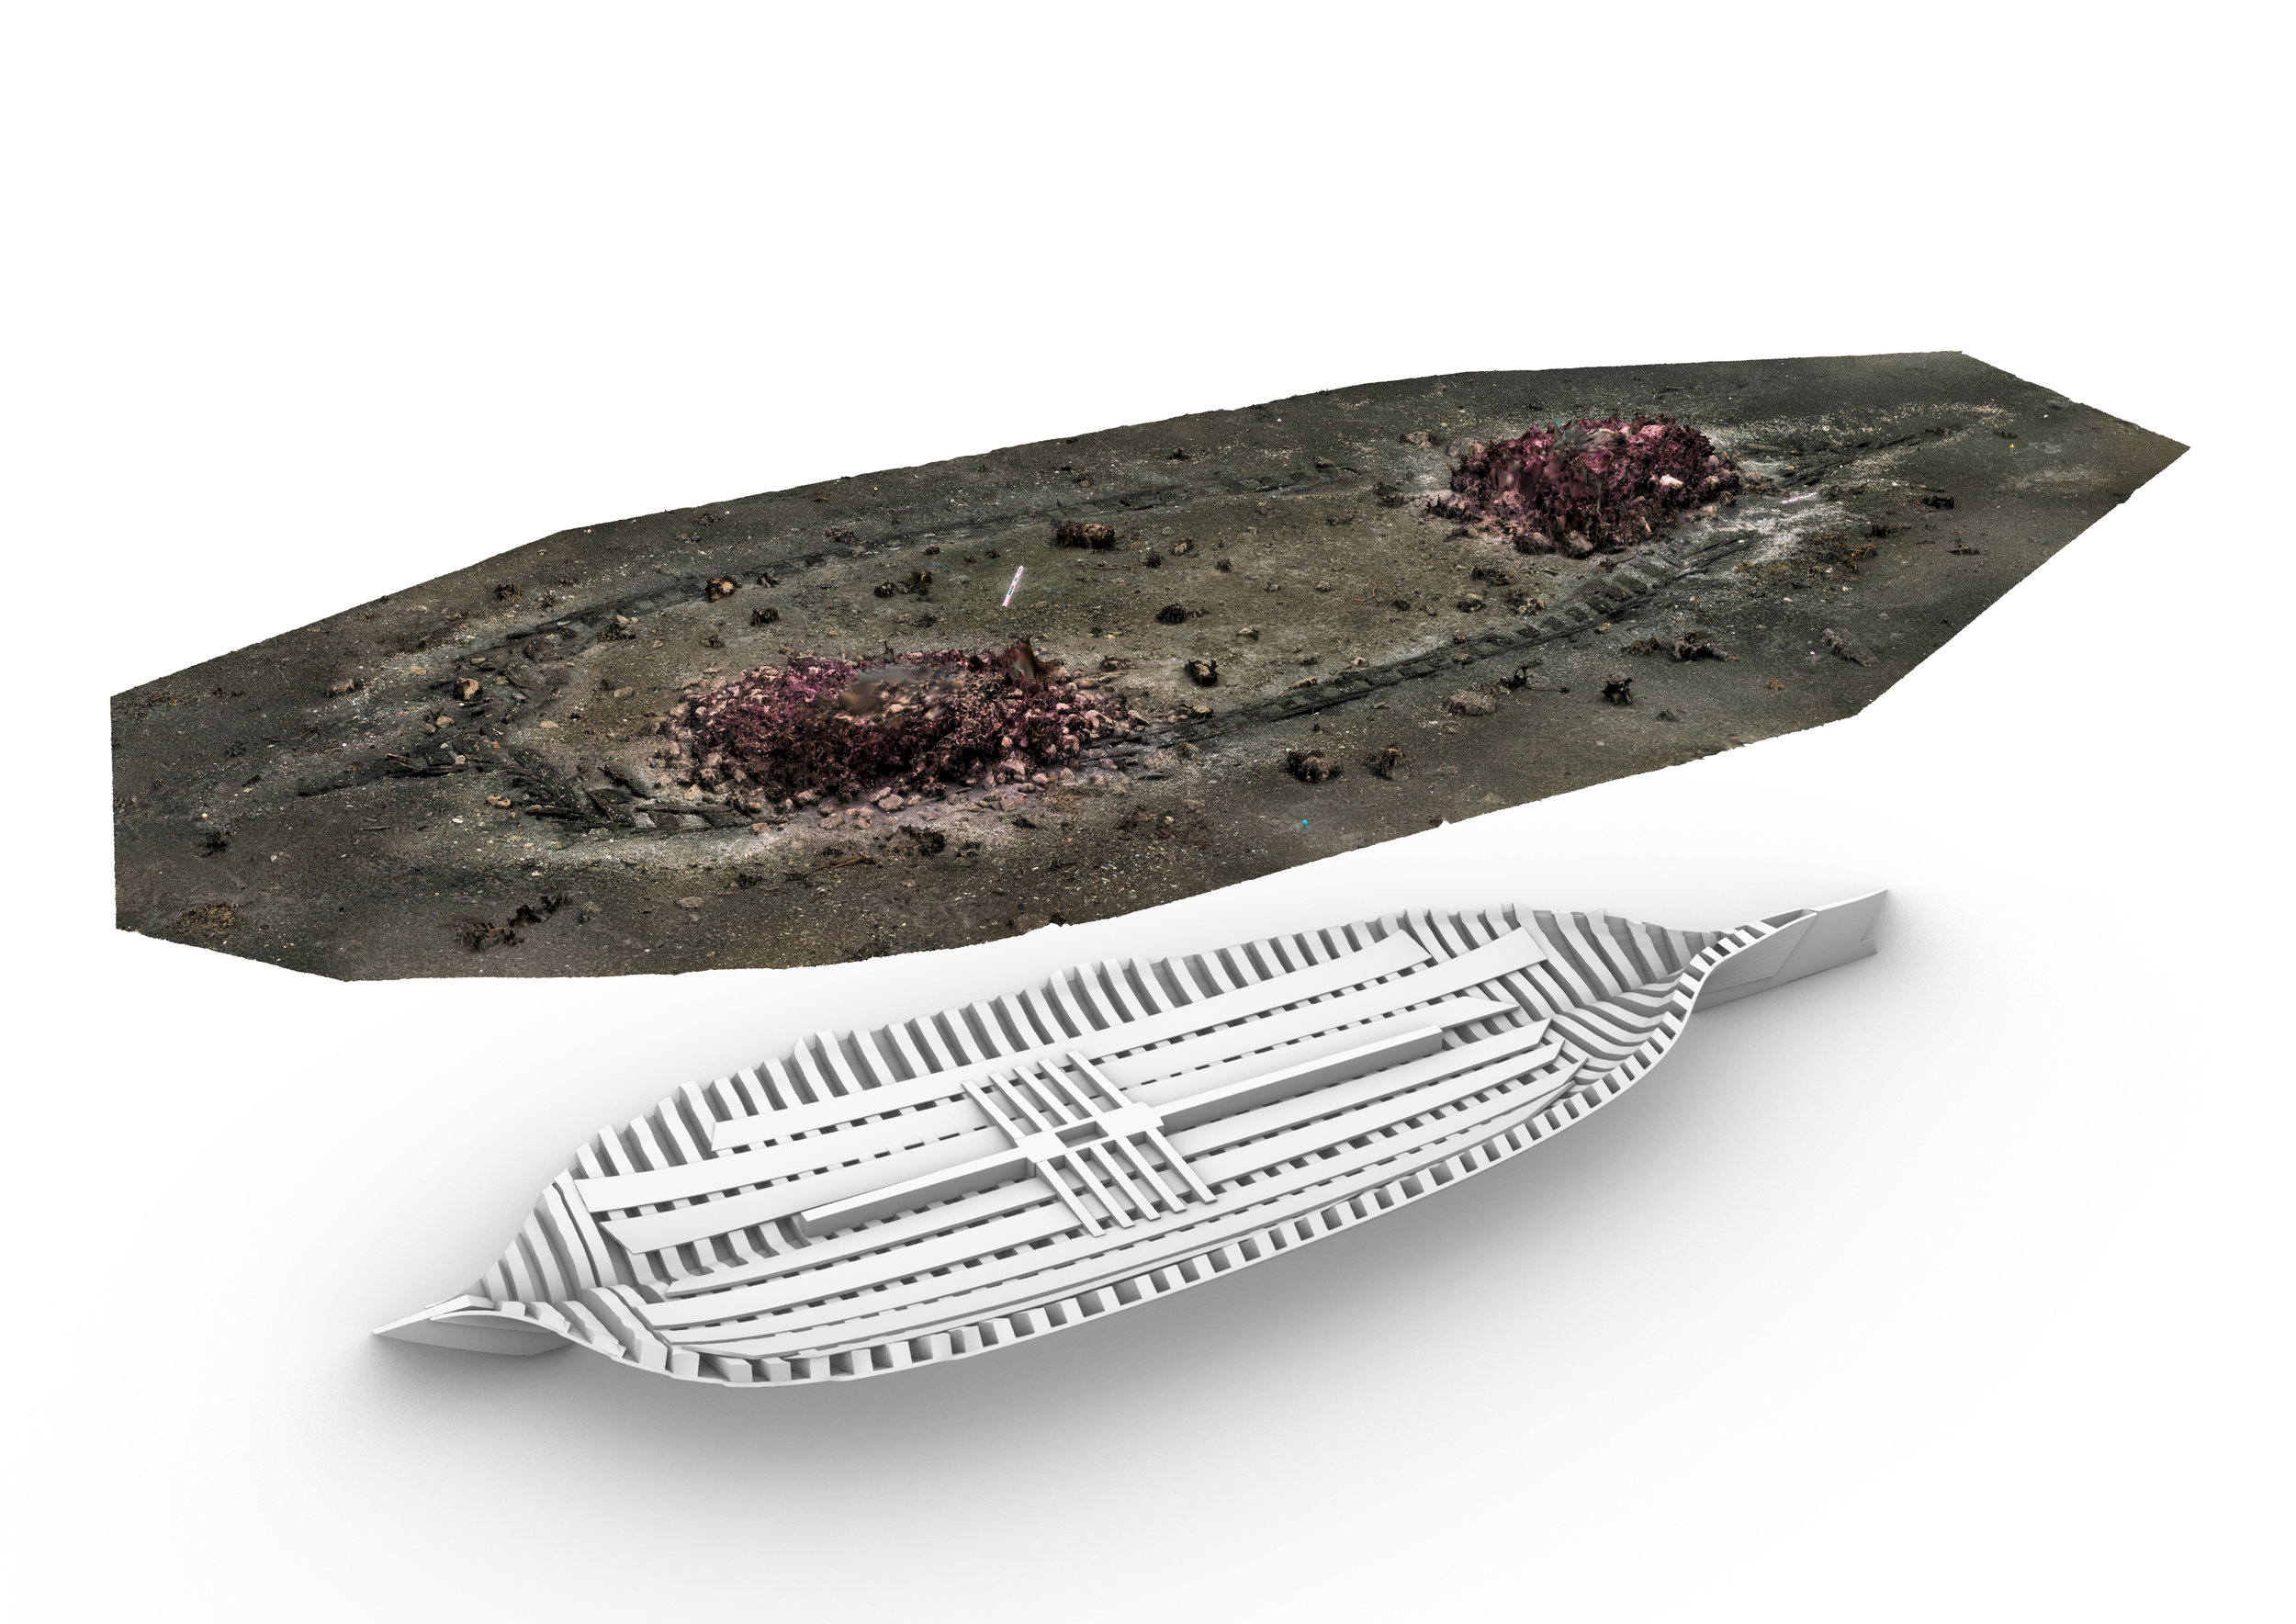 Over - vraket stikker såvidt opp av mudderet i sjøbunnen. Under har vi laget en illustrasjon av hvor mye av vraket vi tror finnes bevart. M.Ditta/MUST